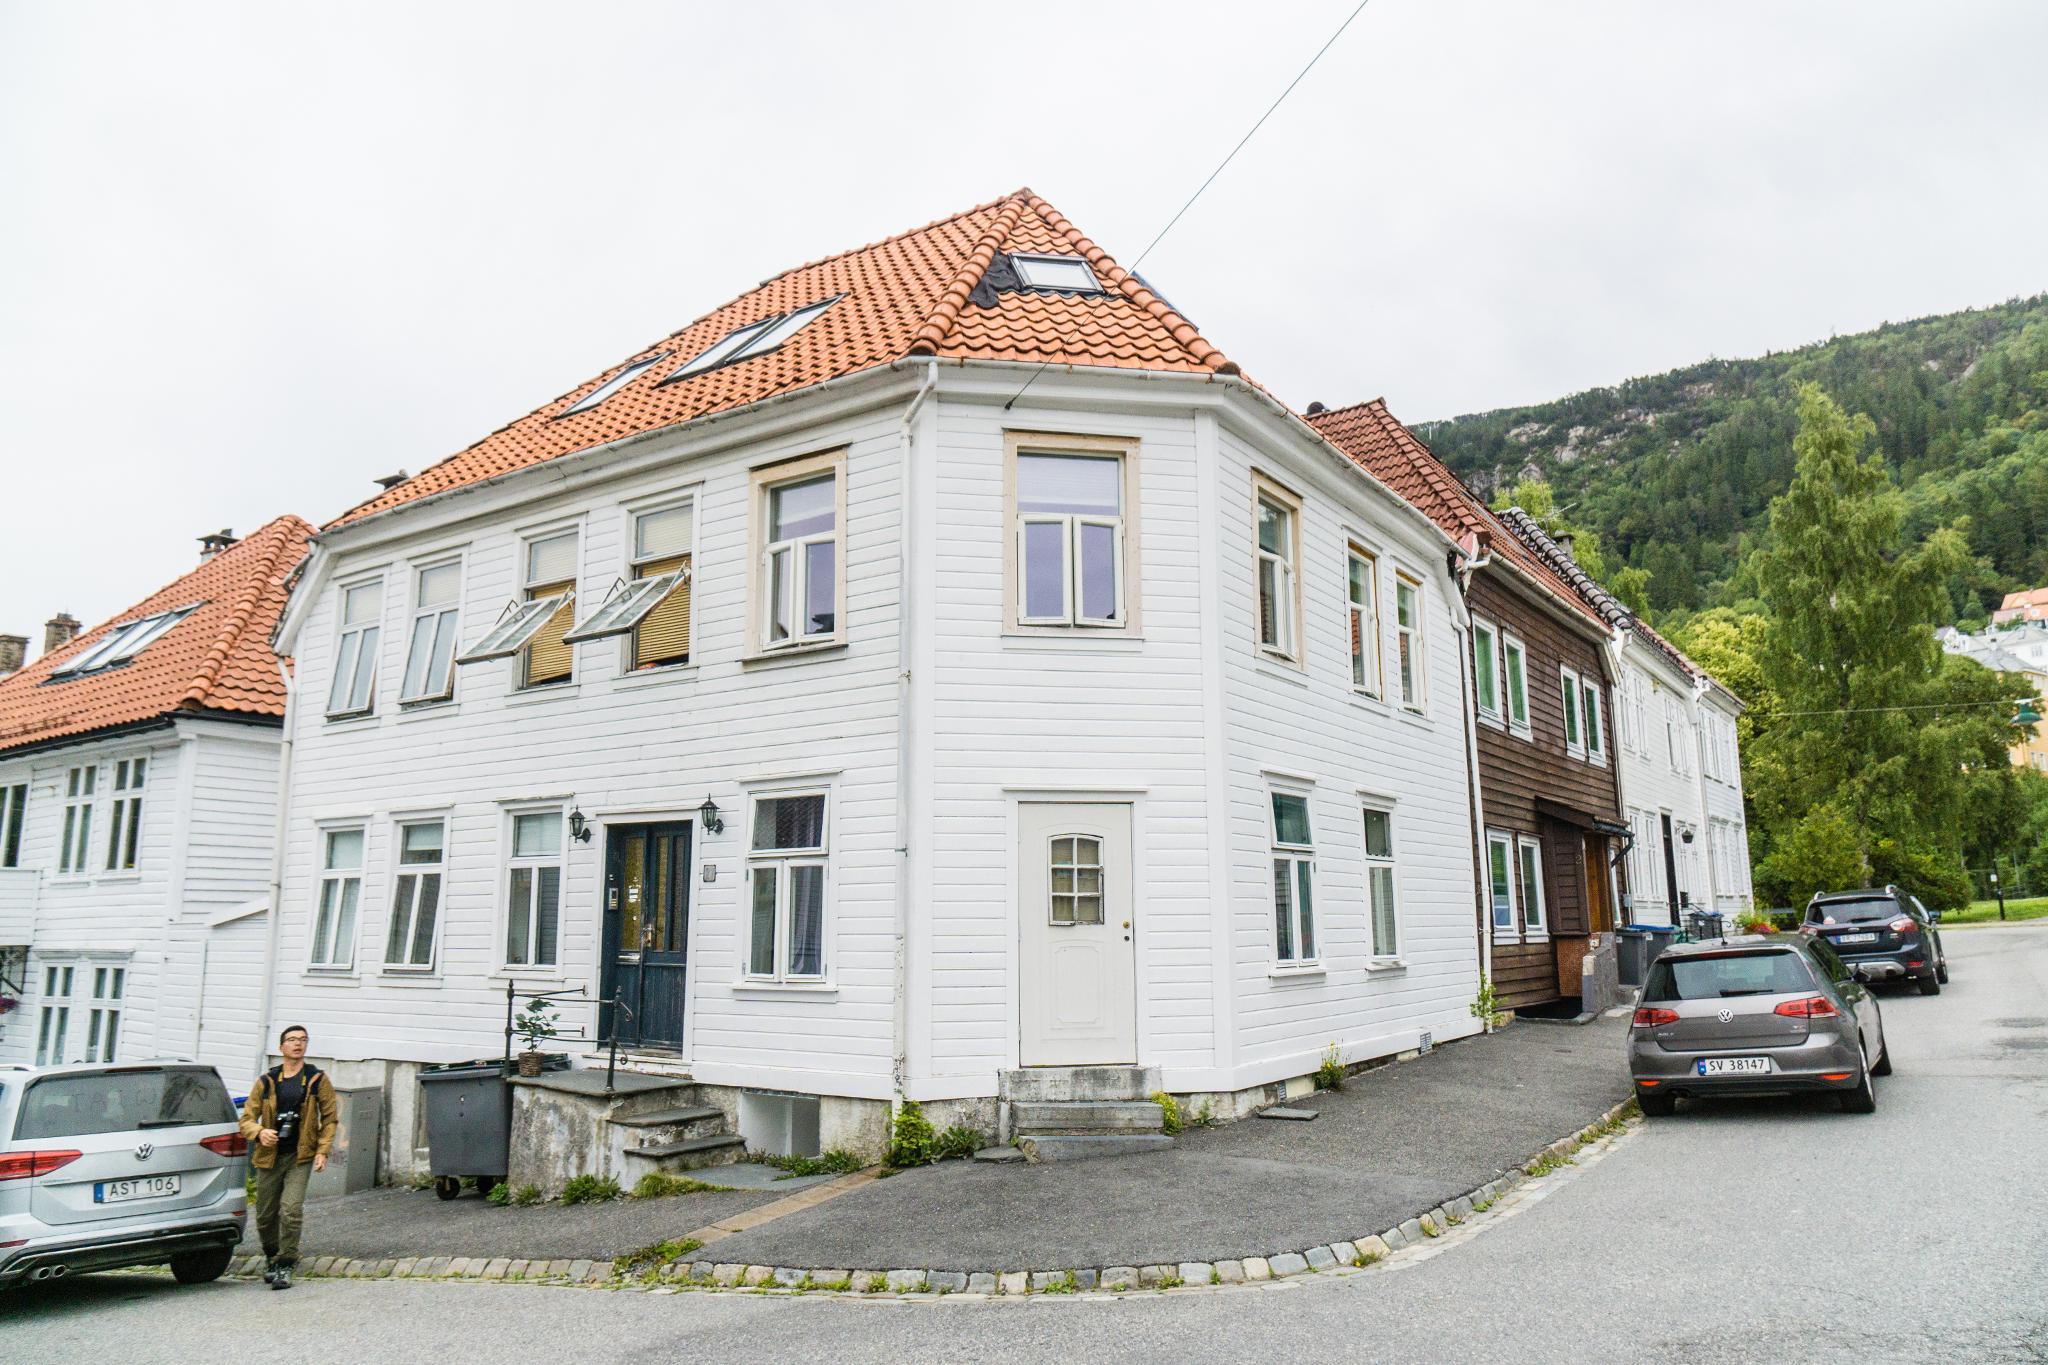 【卑爾根】旅行隨筆:走入卑爾根郊區的尋常百姓家 29